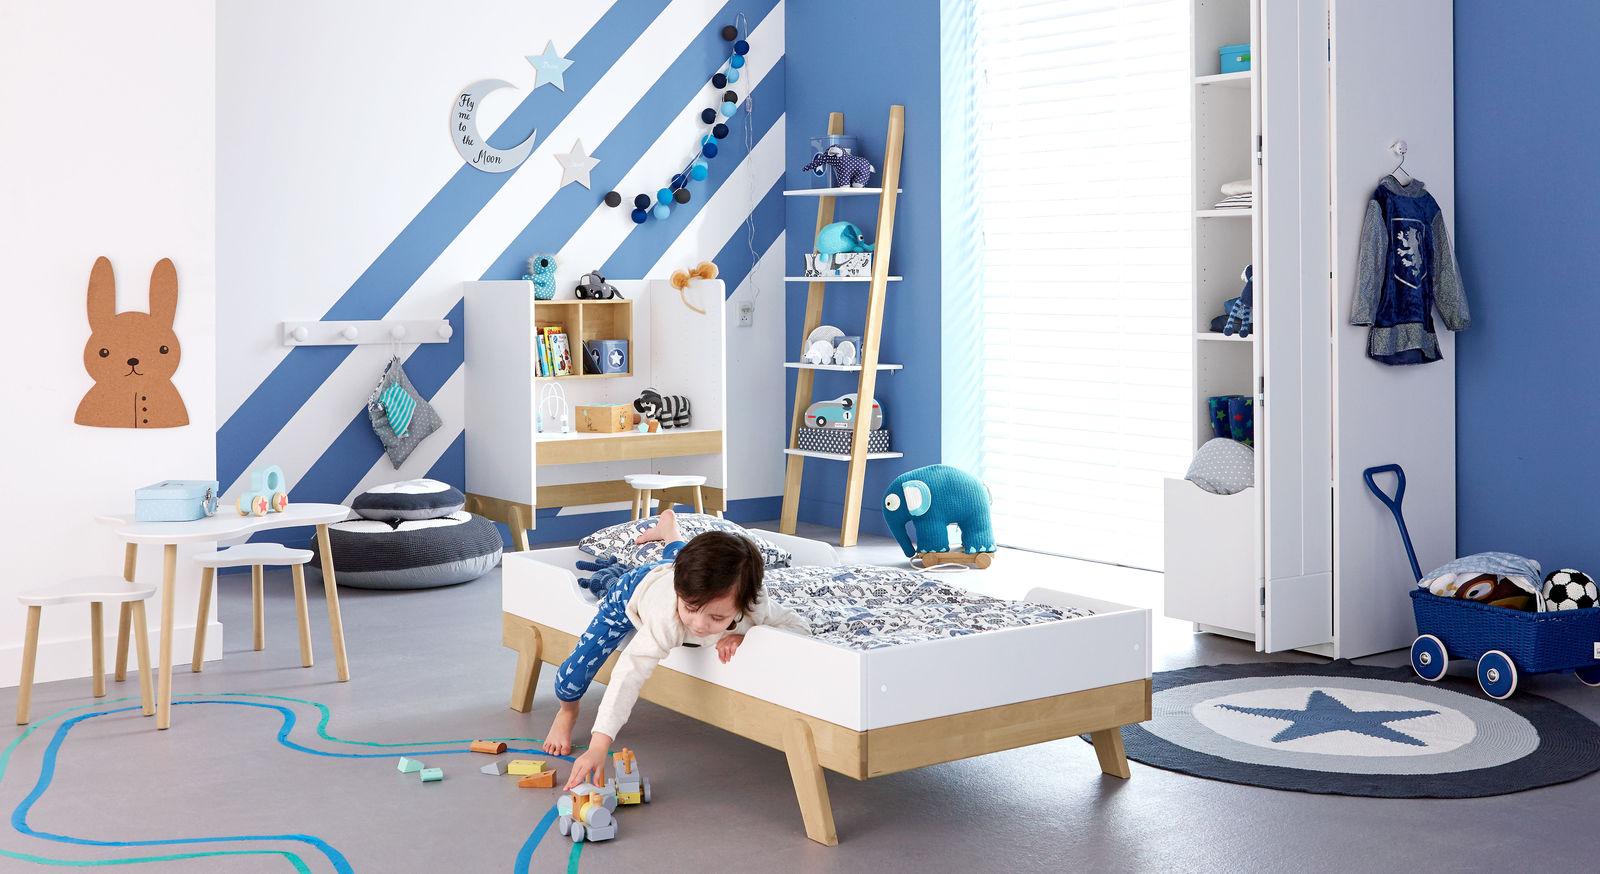 Full Size of Kinderzimmer Gnstig Und Kreativ Einrichten Vaterfreudende Komplett Schlafzimmer Günstig Günstige Sofa Betten Kaufen Regal Fenster Günstiges Bett 180x200 Kinderzimmer Kinderzimmer Günstig